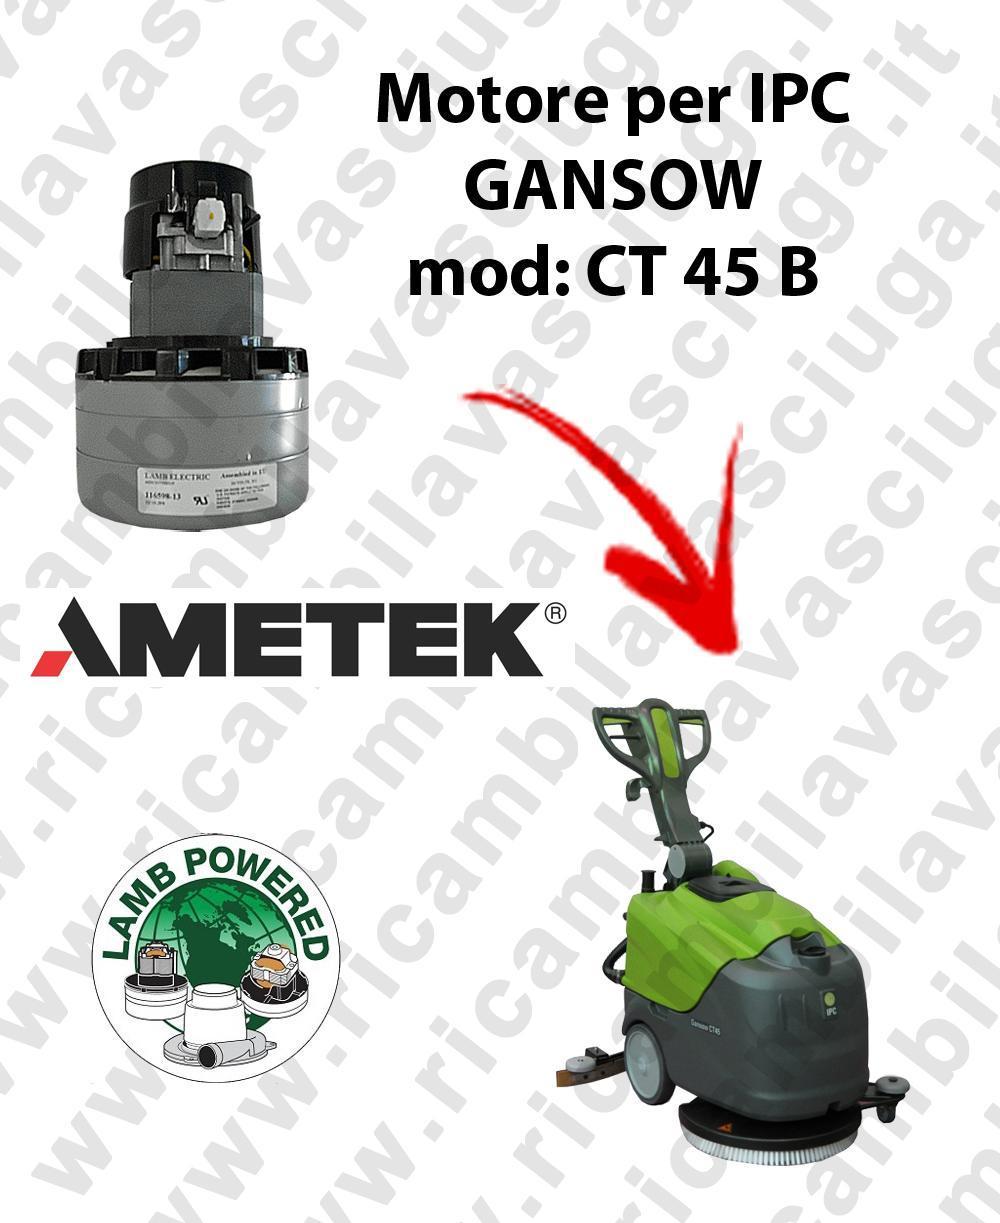 CT 45 B MOTEUR ASPIRATION LAMB AMATEK pour autolaveuses IPC GANSOW